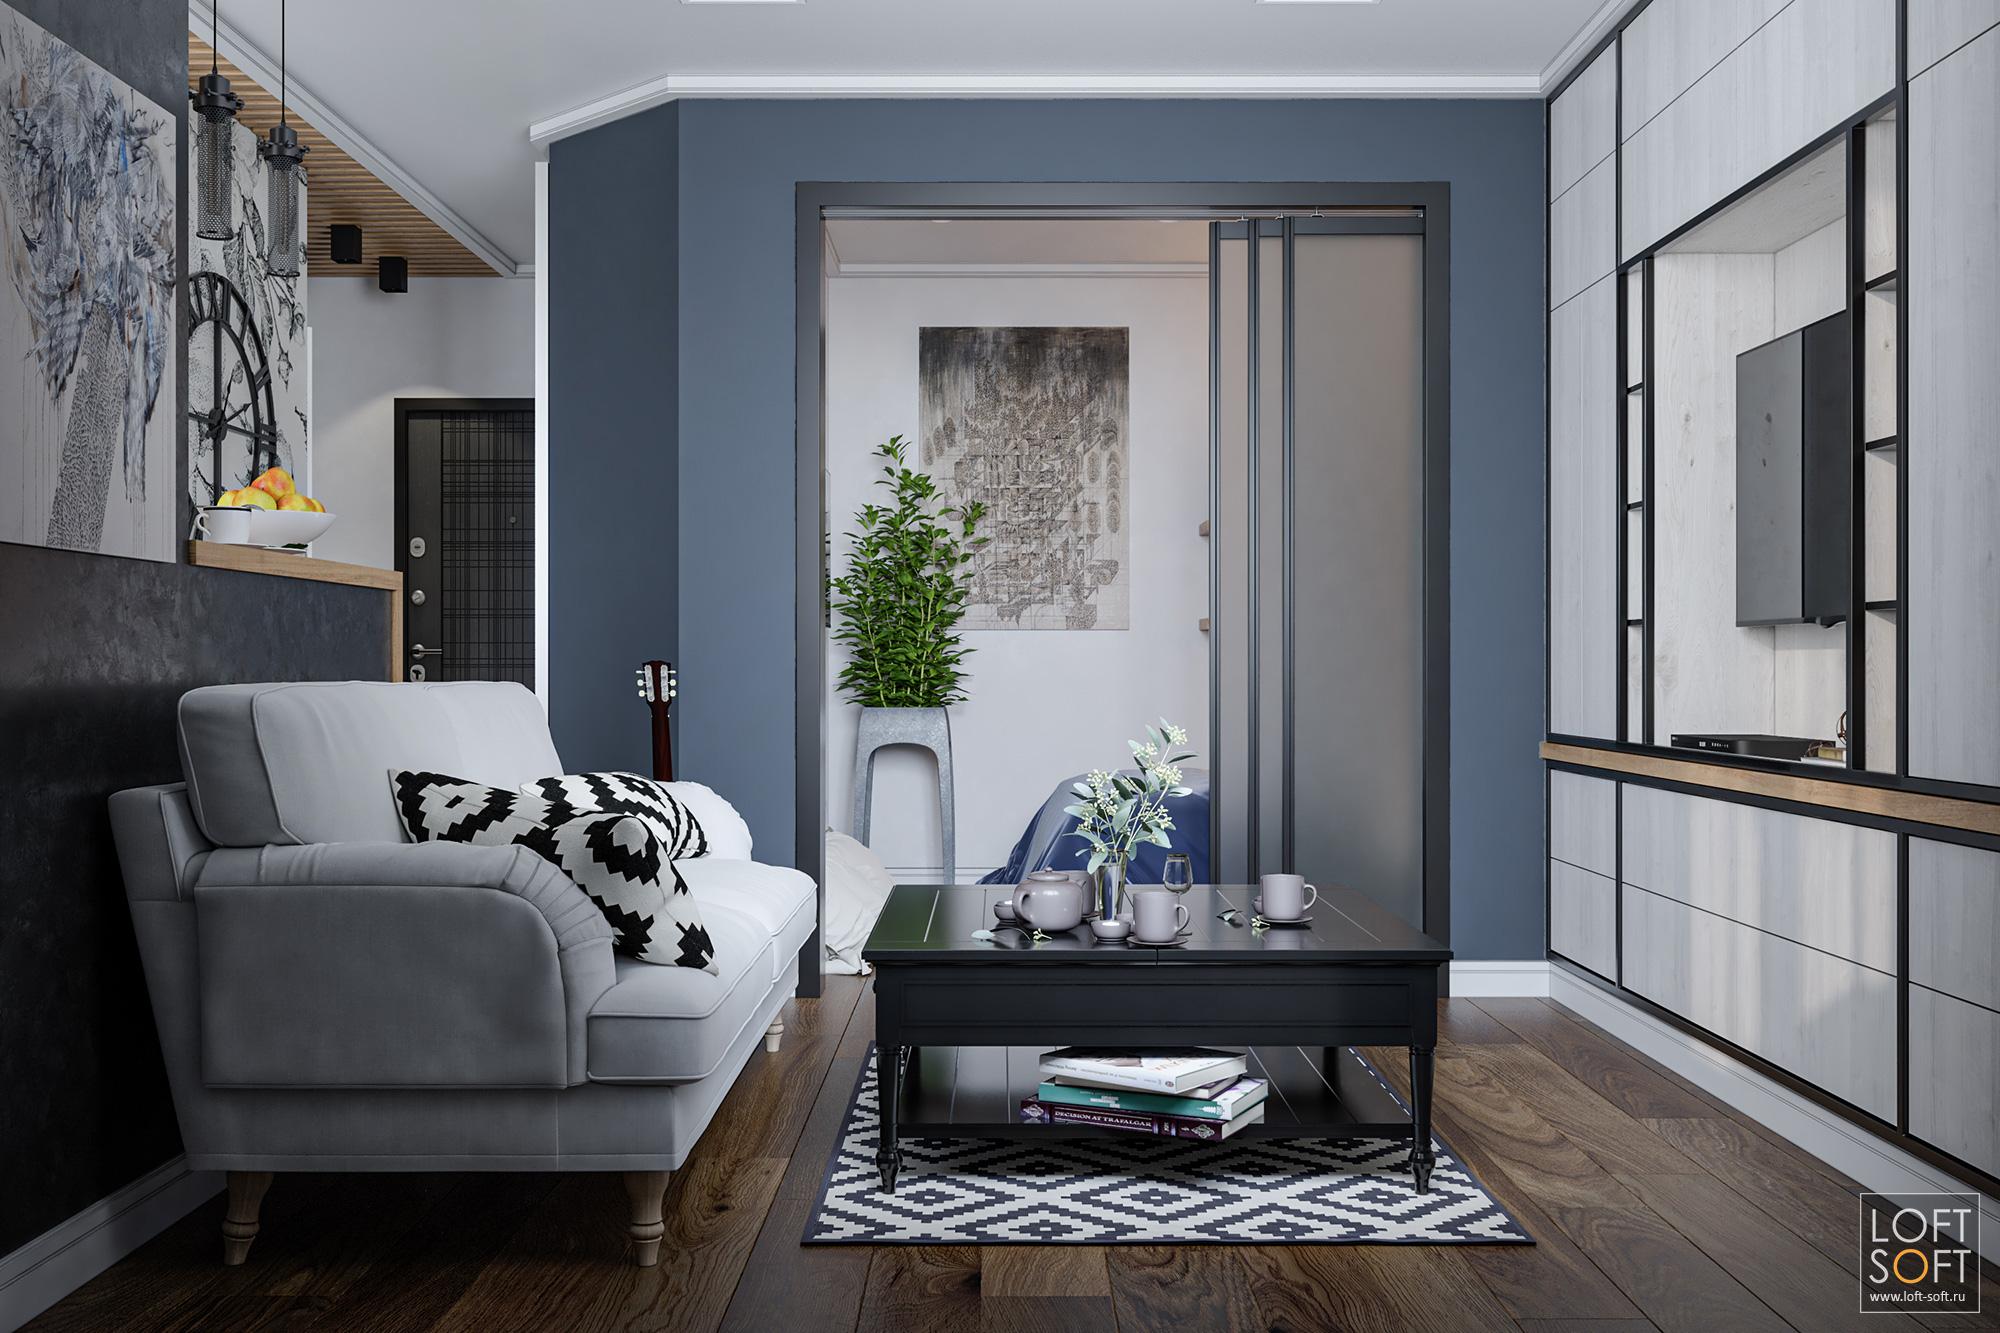 Современные цвета интерьера. Черная штукатурка, серые стены ибелая мебель.